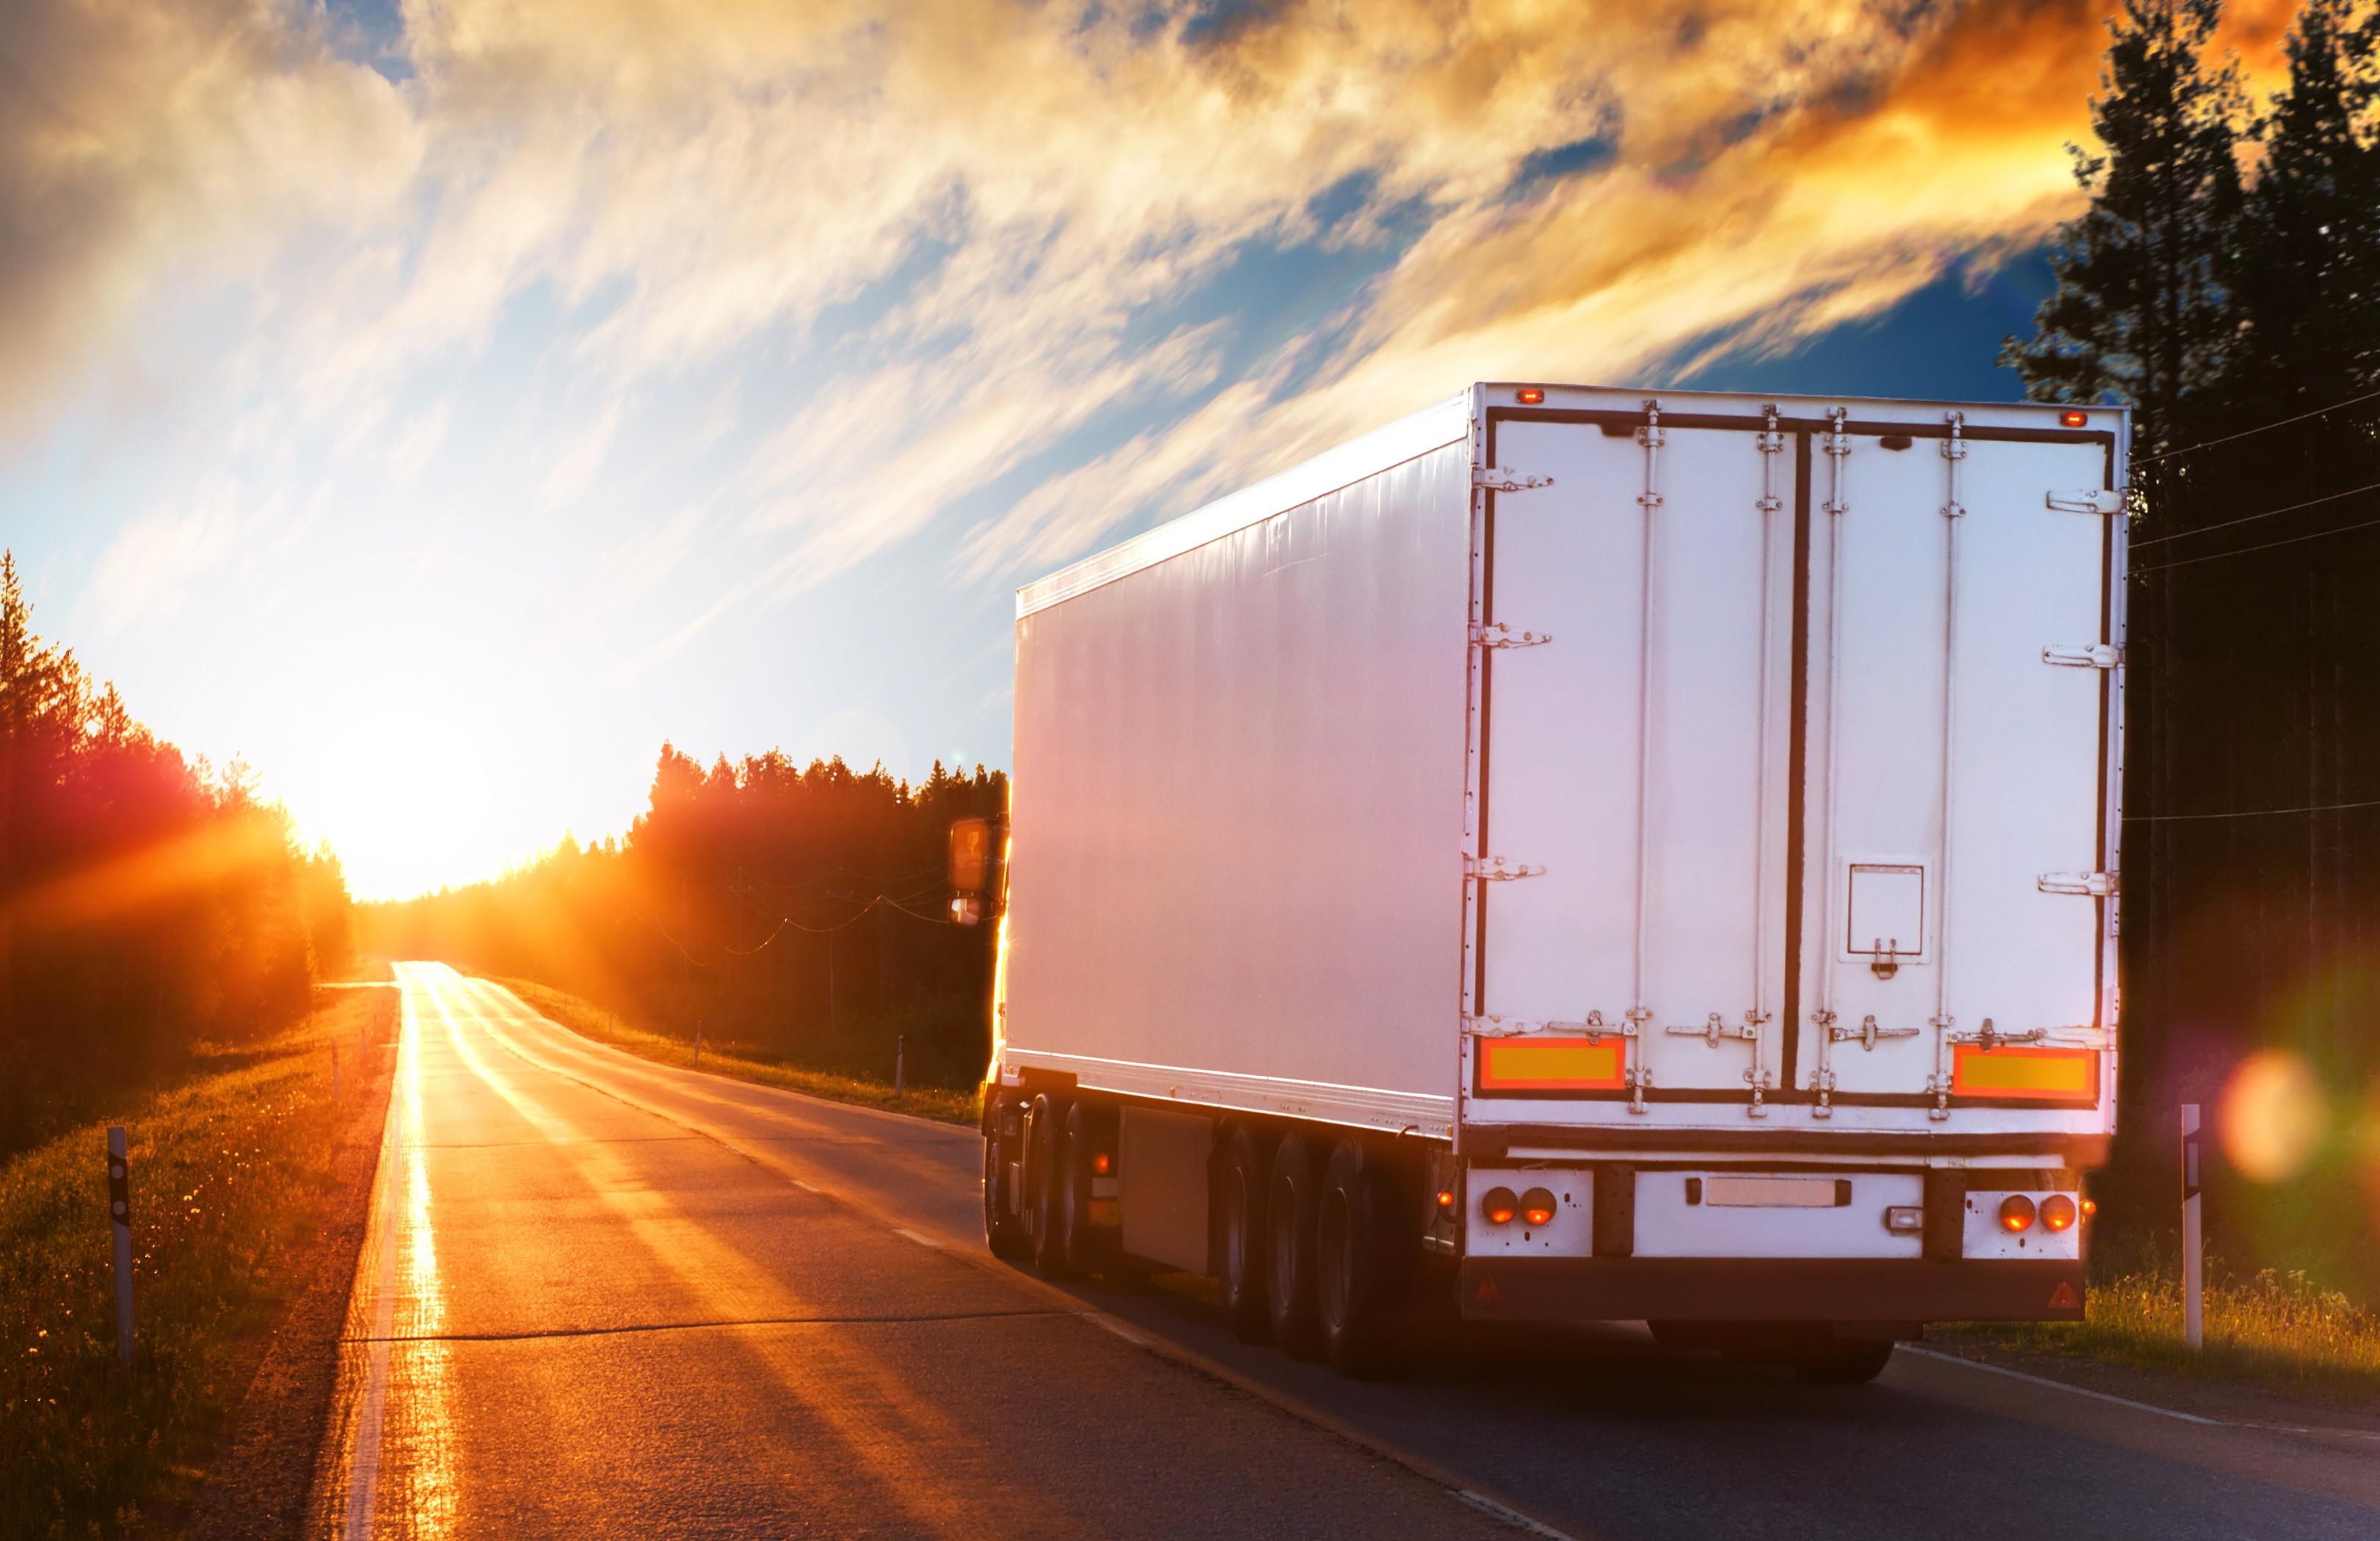 white_truck_on_road.jpg